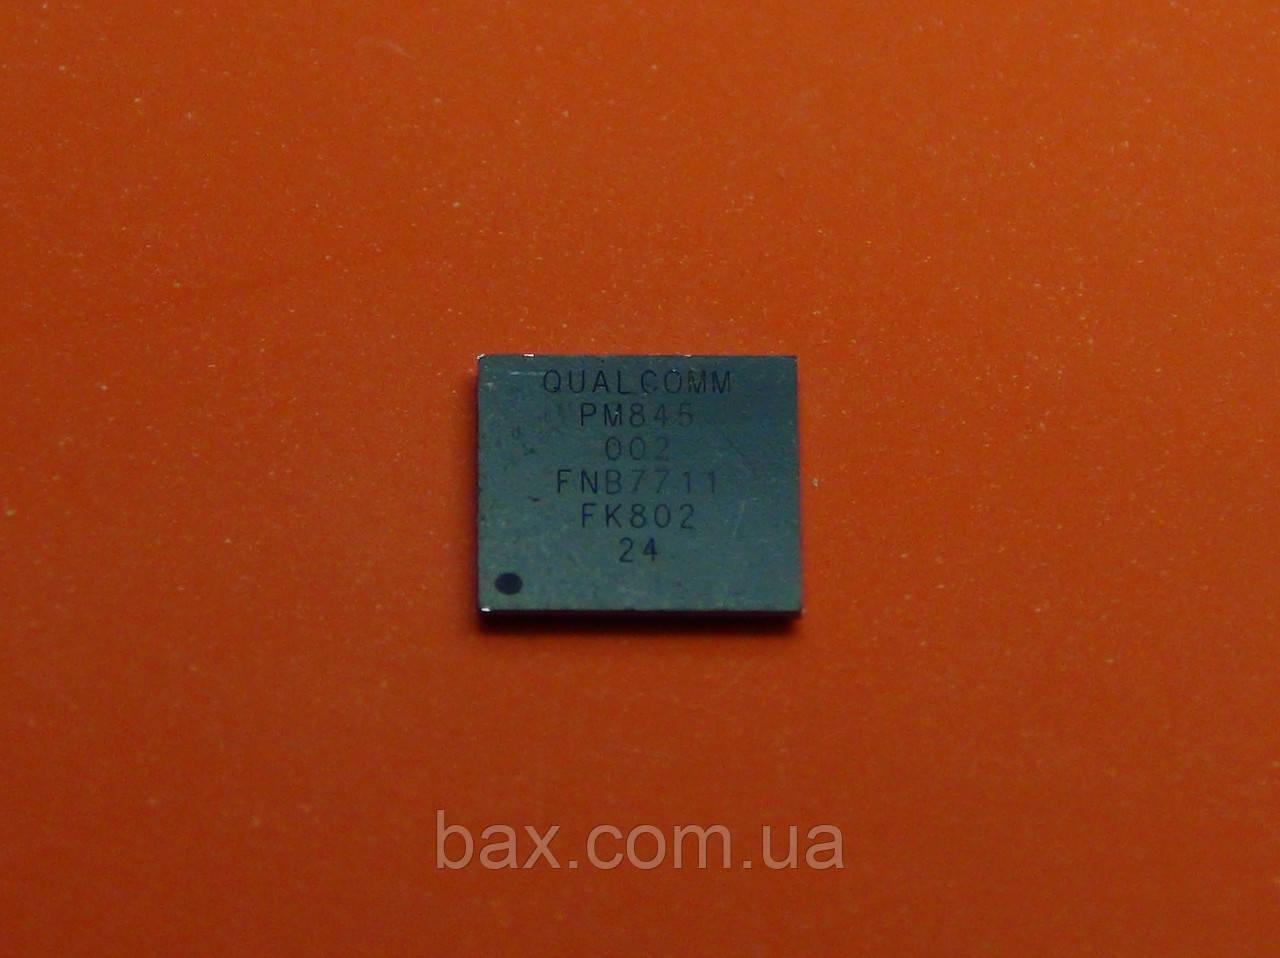 Мікросхема контролер живлення PM845 002